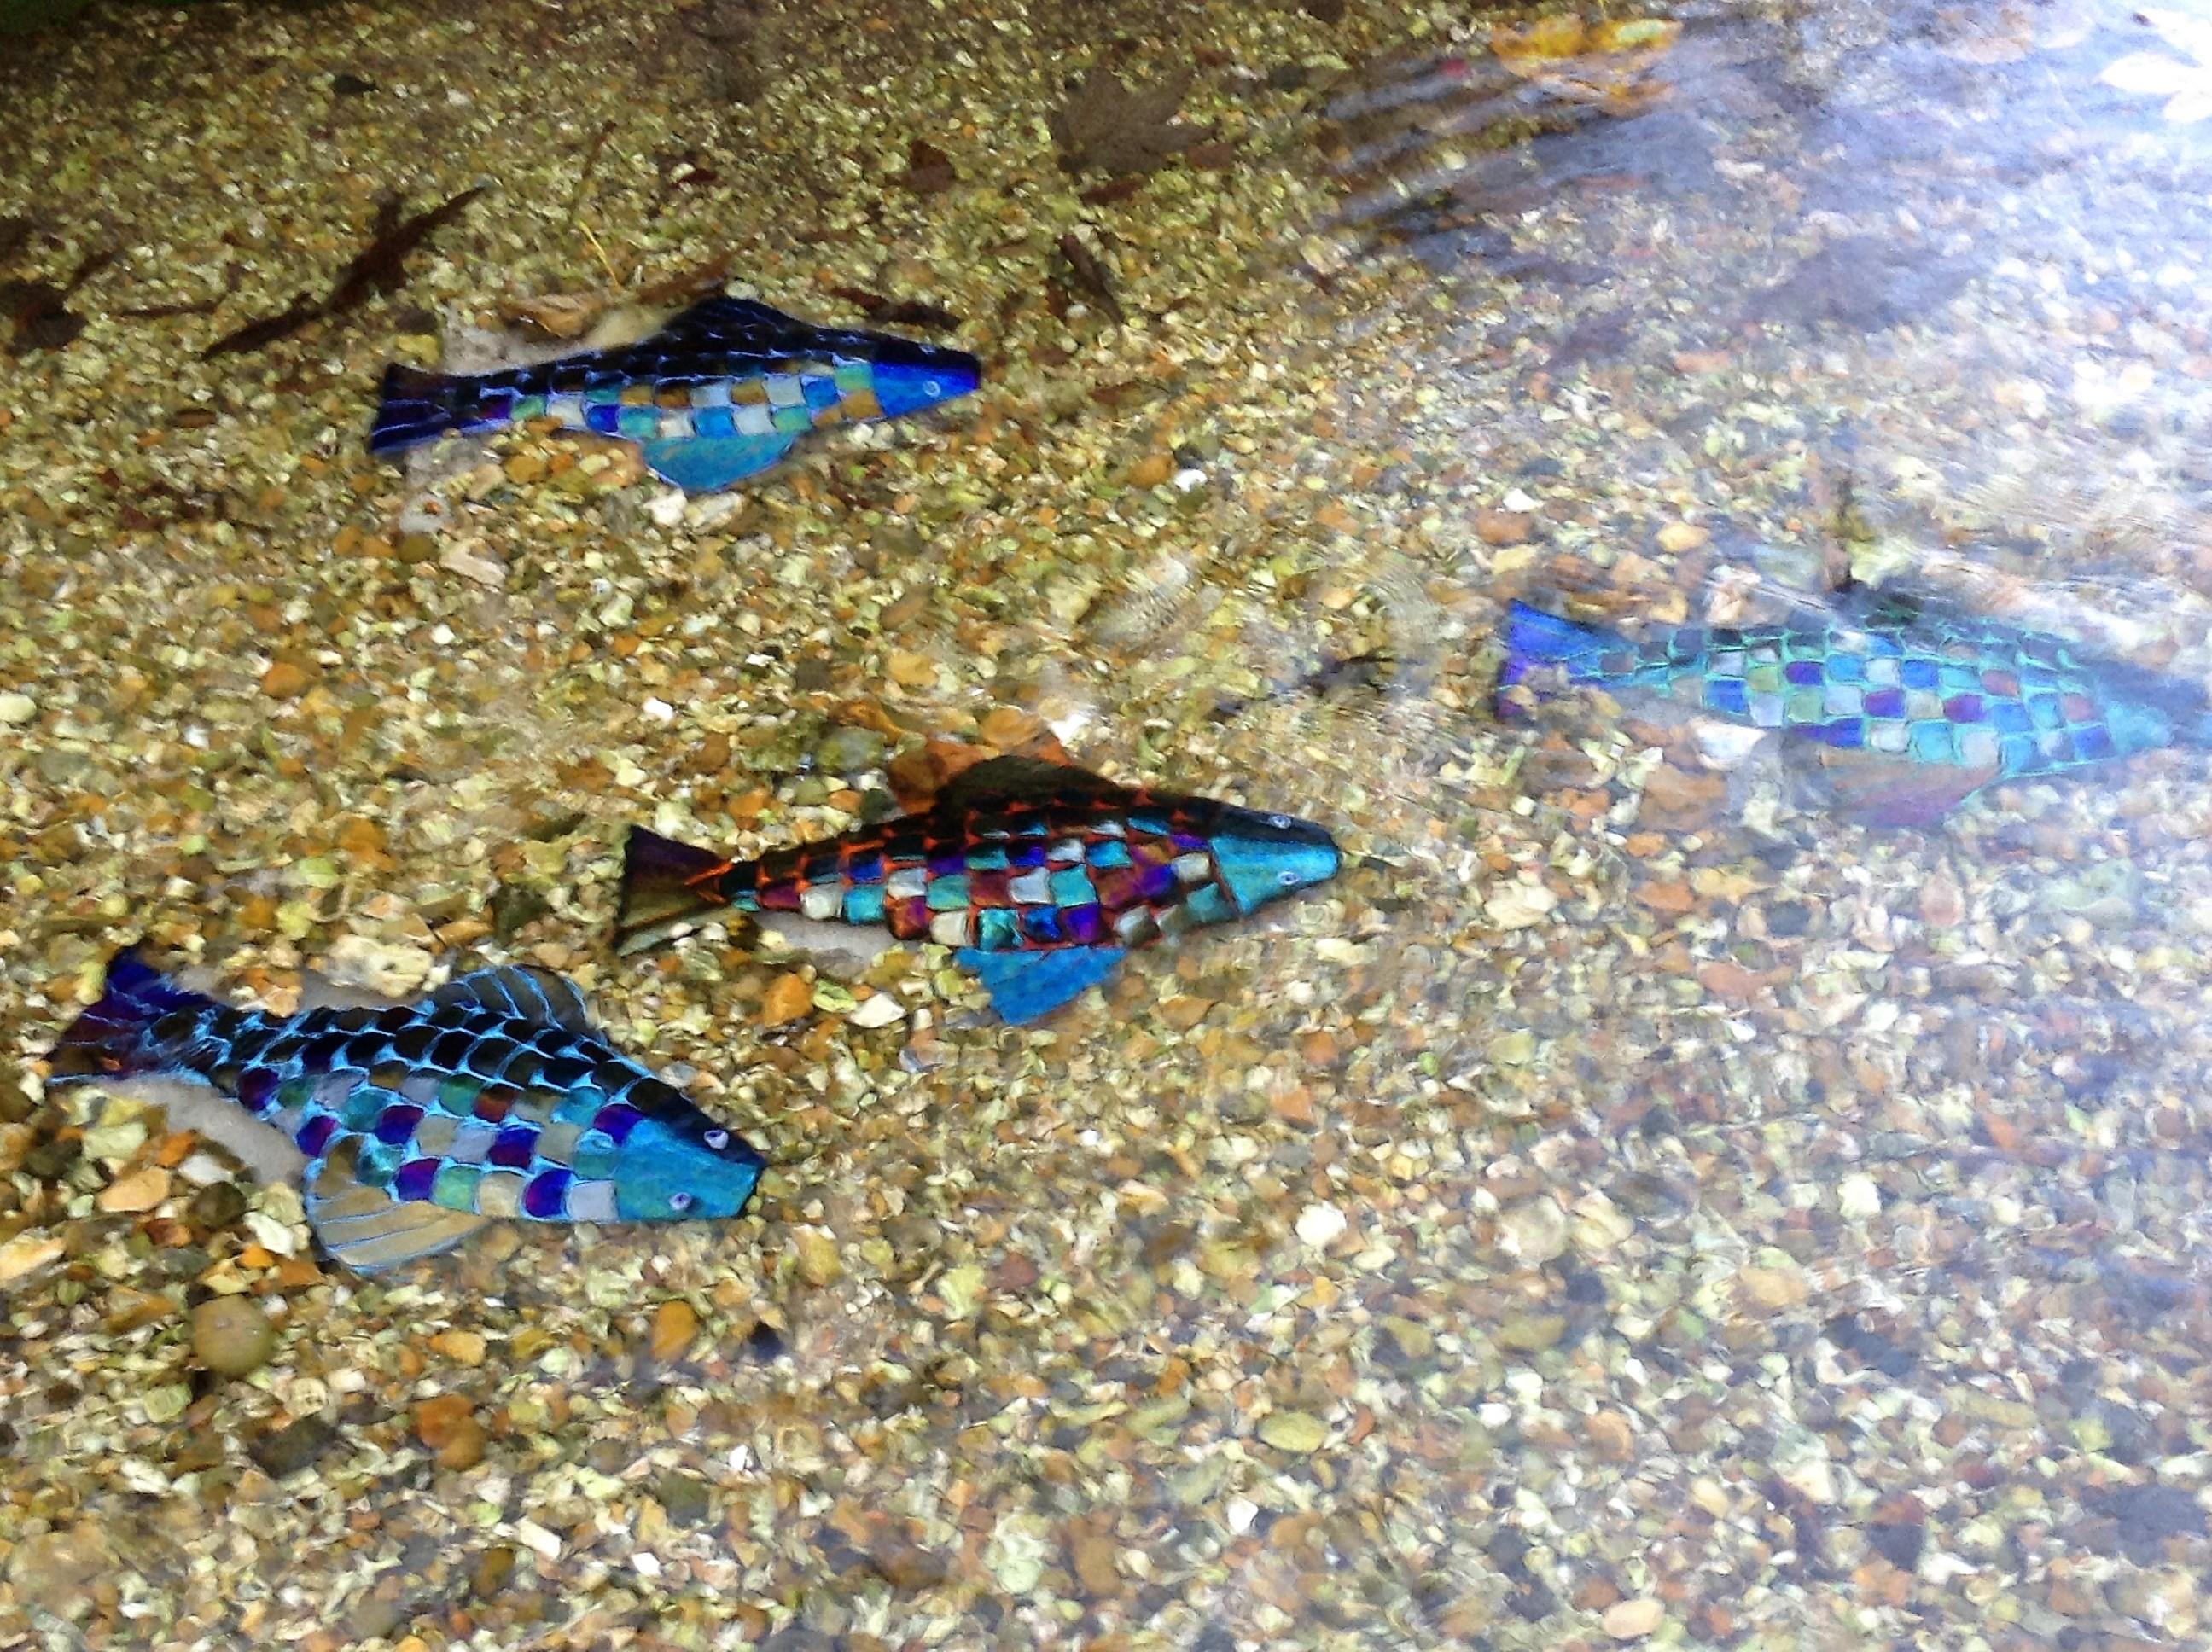 Rainbow Fish Shoal